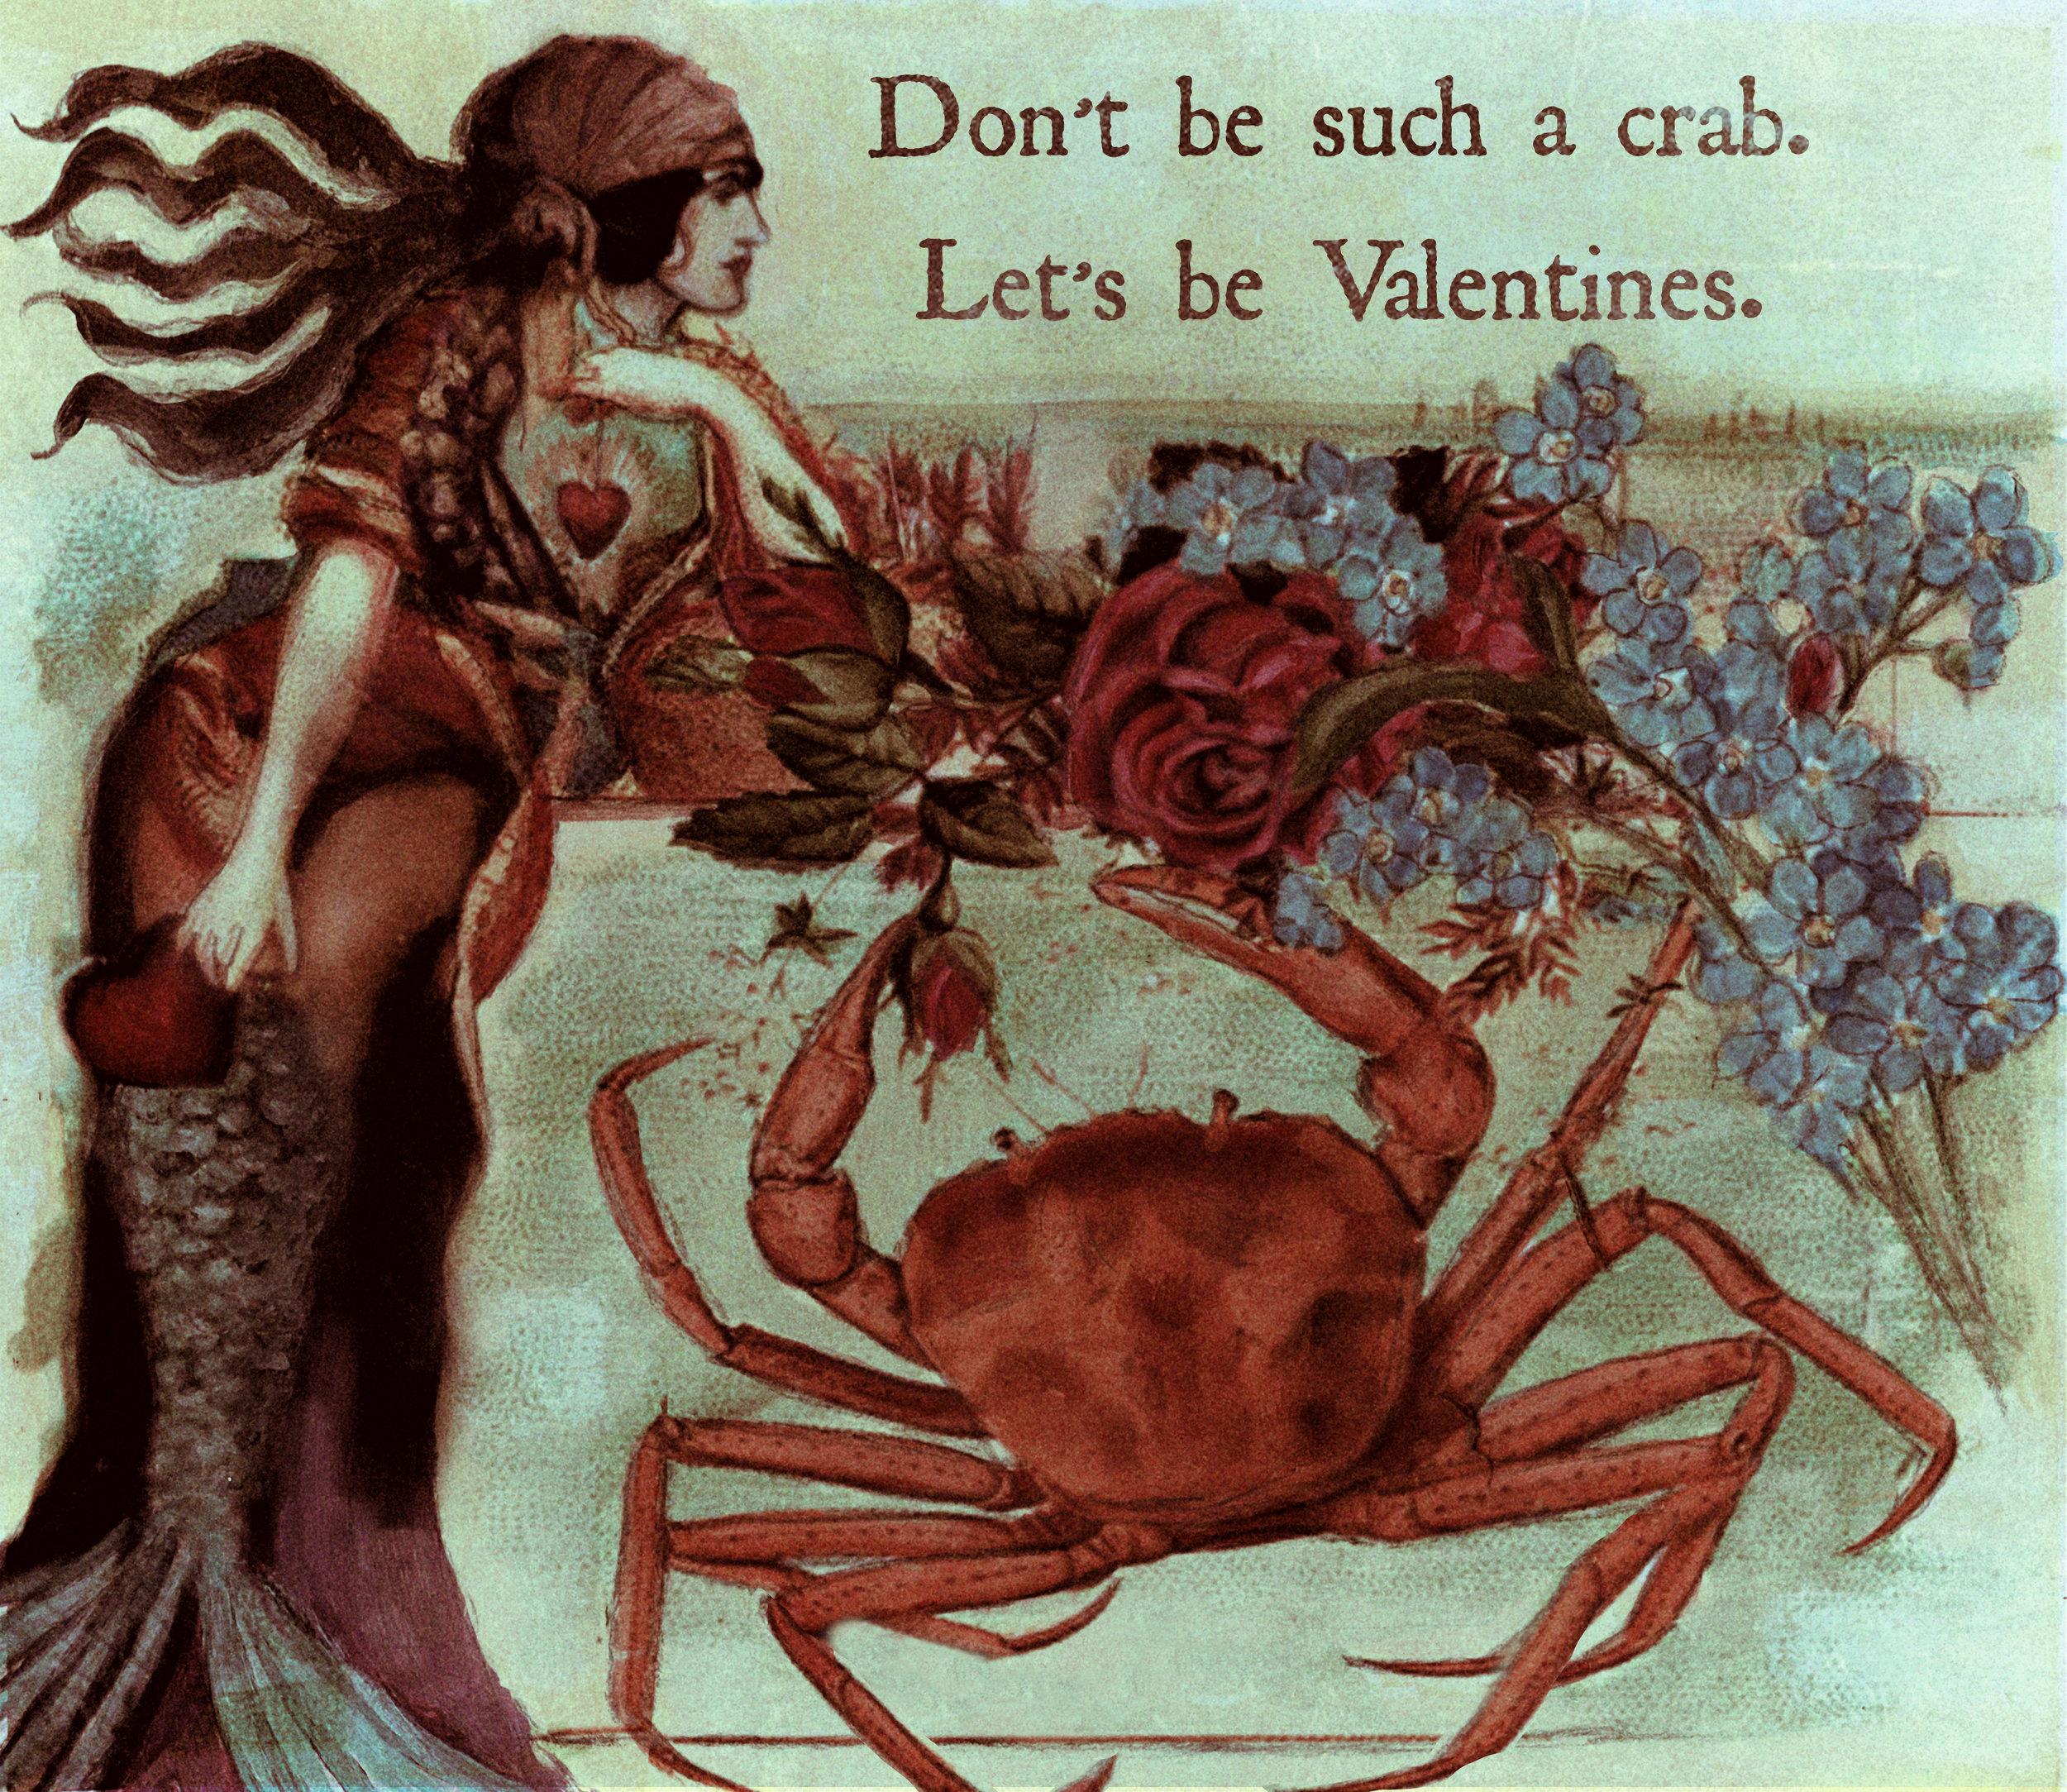 Valentine by Katelan Foisy